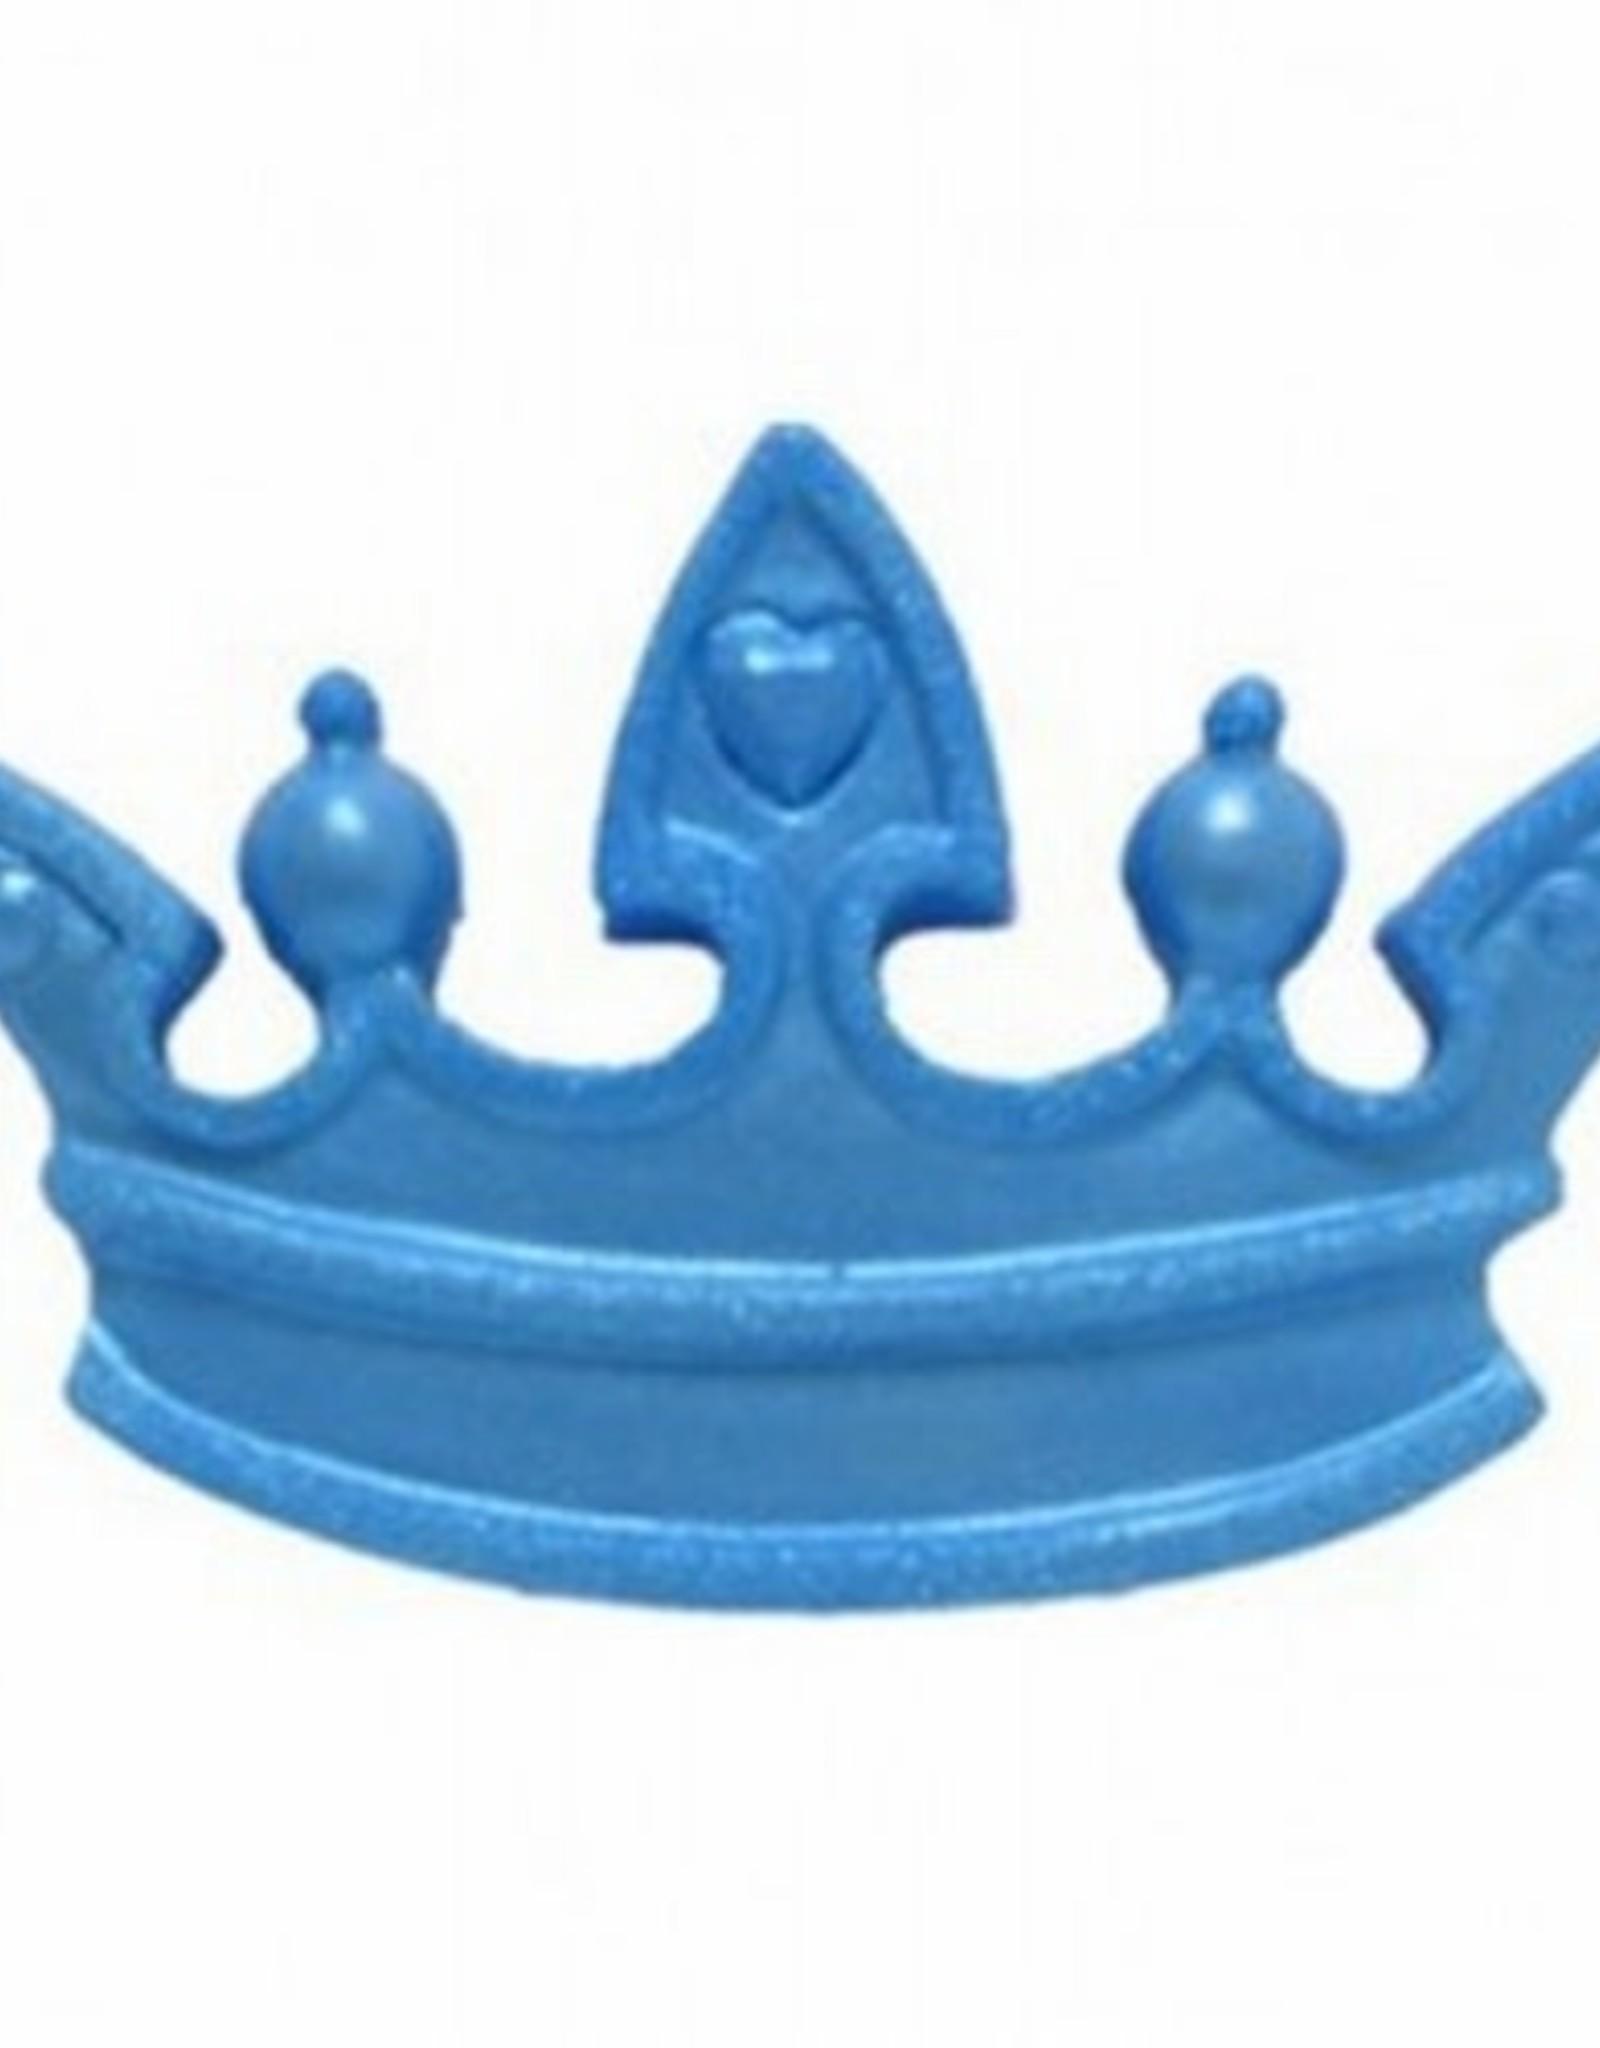 First Impressions Molds First Impressions Molds Fairy Tale Crown